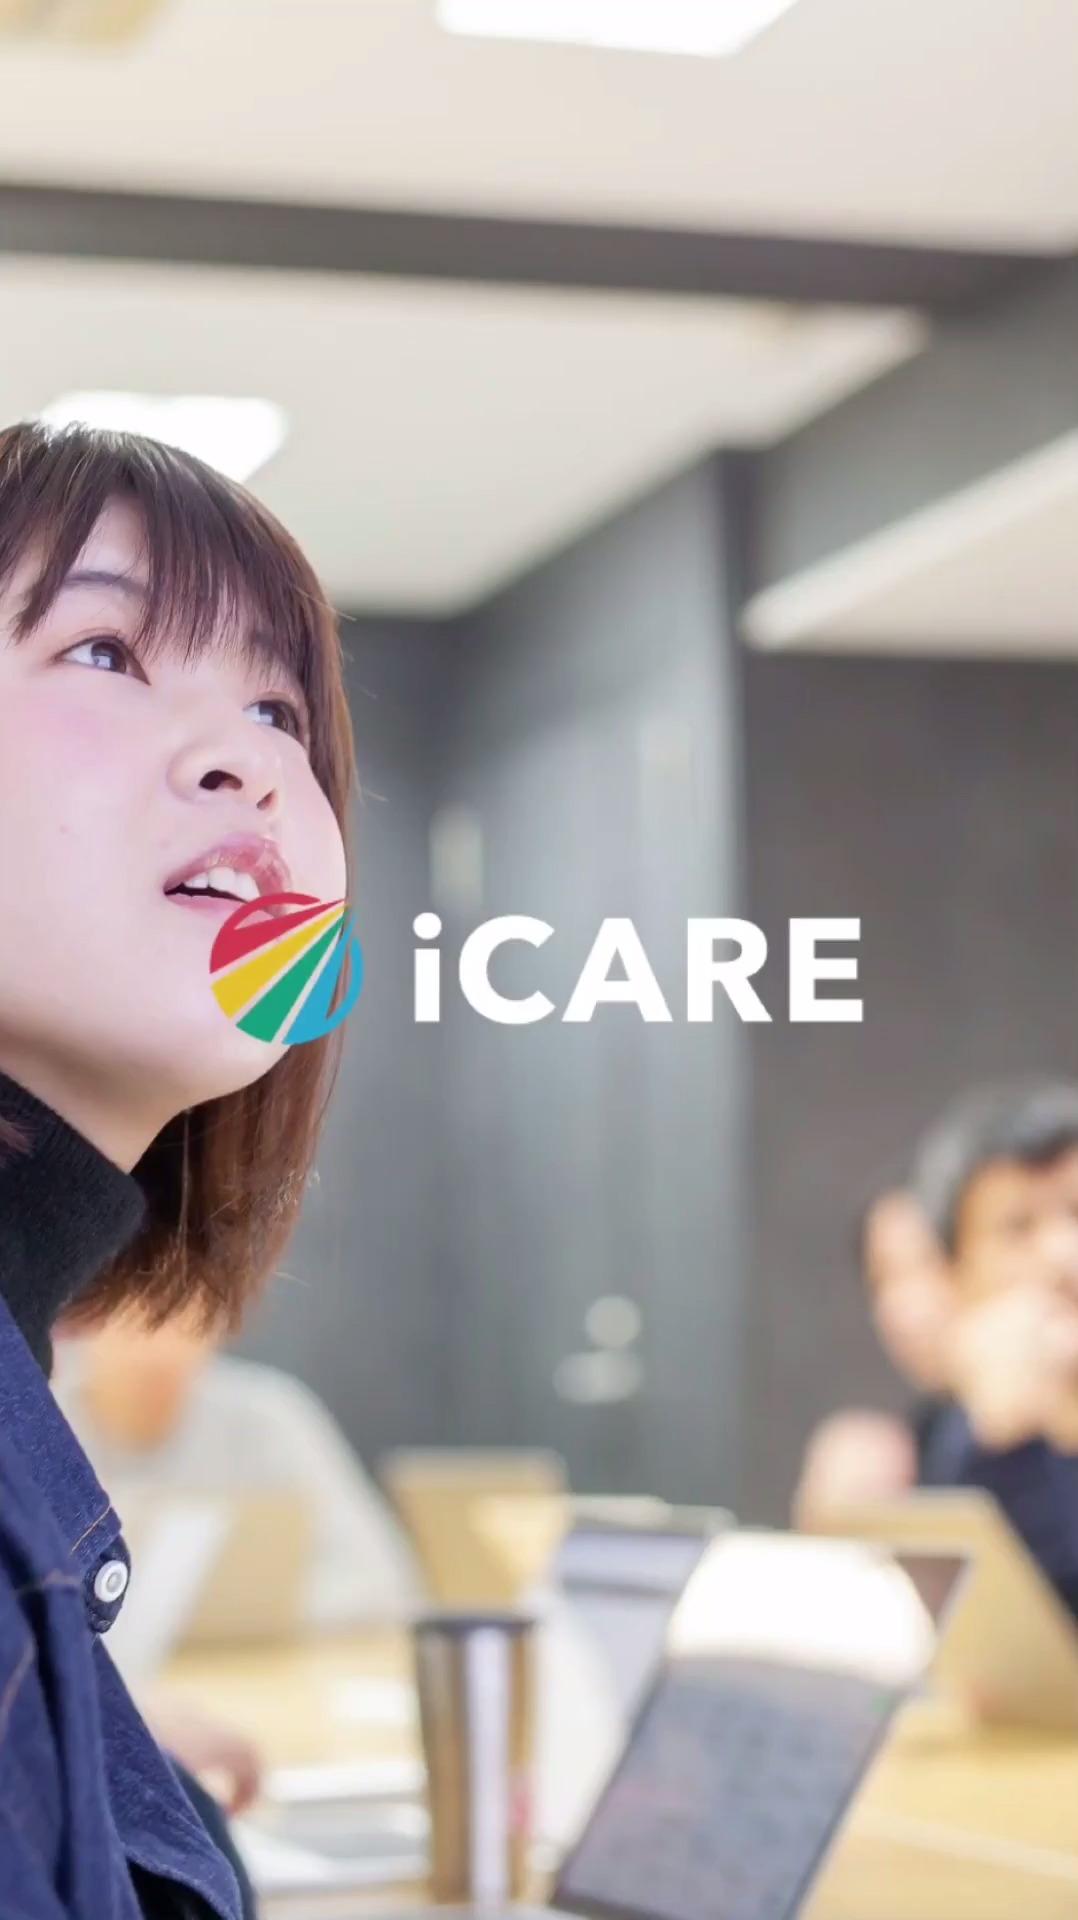 iCAREのDevチームは開発が大好き。探究心や向上意欲を持つ人、大募集!!